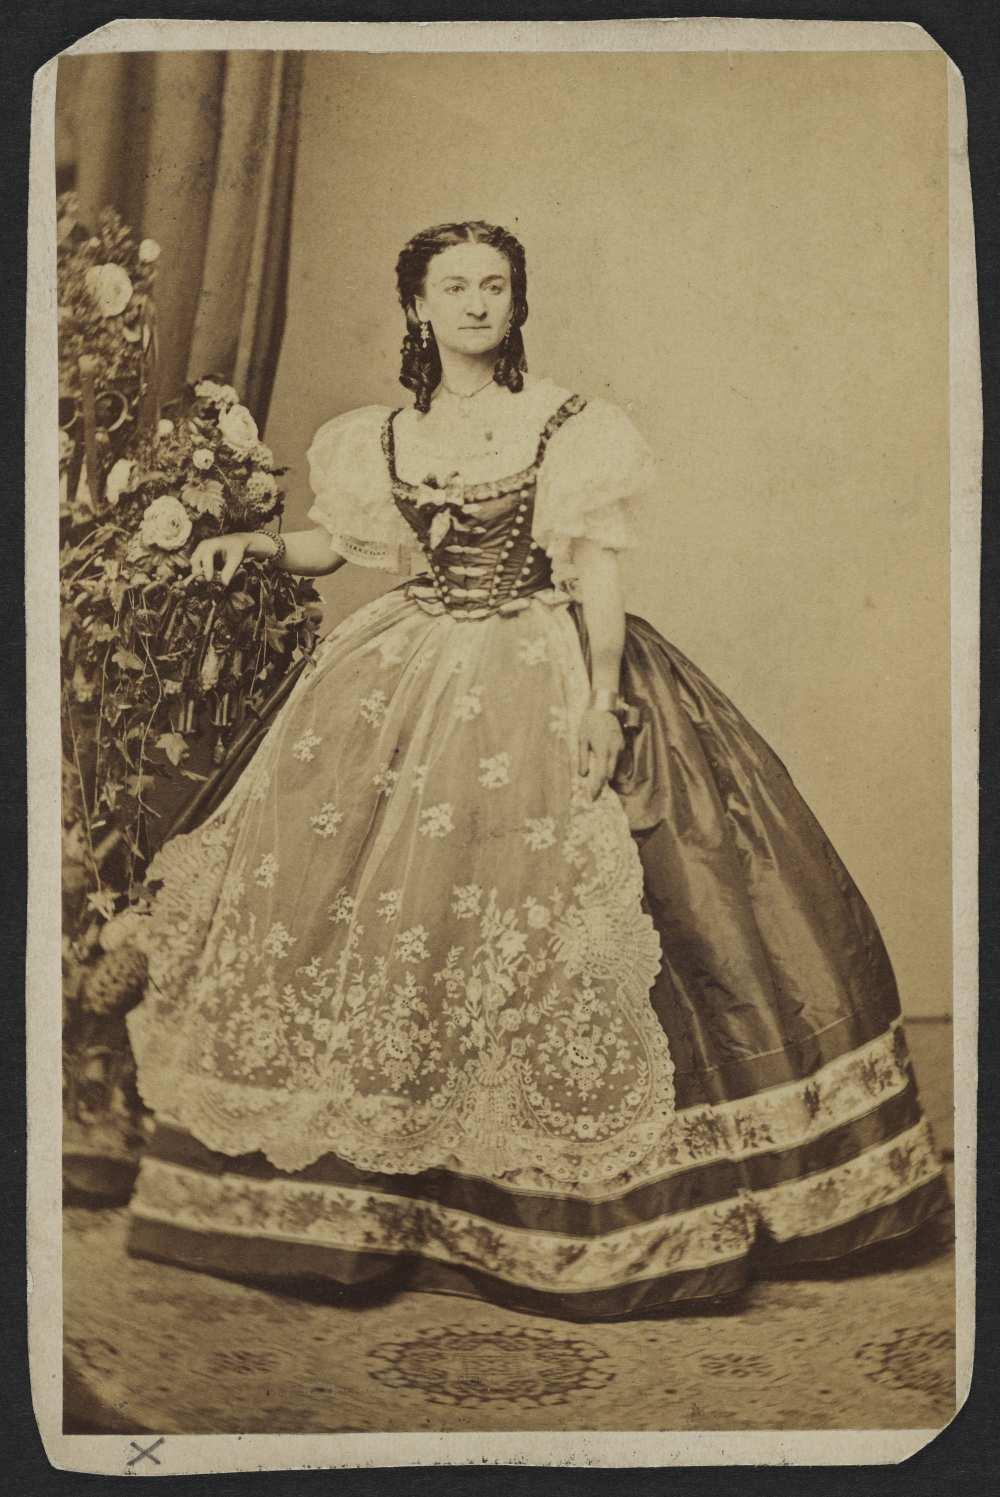 Hollósy Kornélia az 1860-as évek elején. Mayer György pesti fényképész műtermi felvétele ‒ Színháztörténeti és Zeneműtár